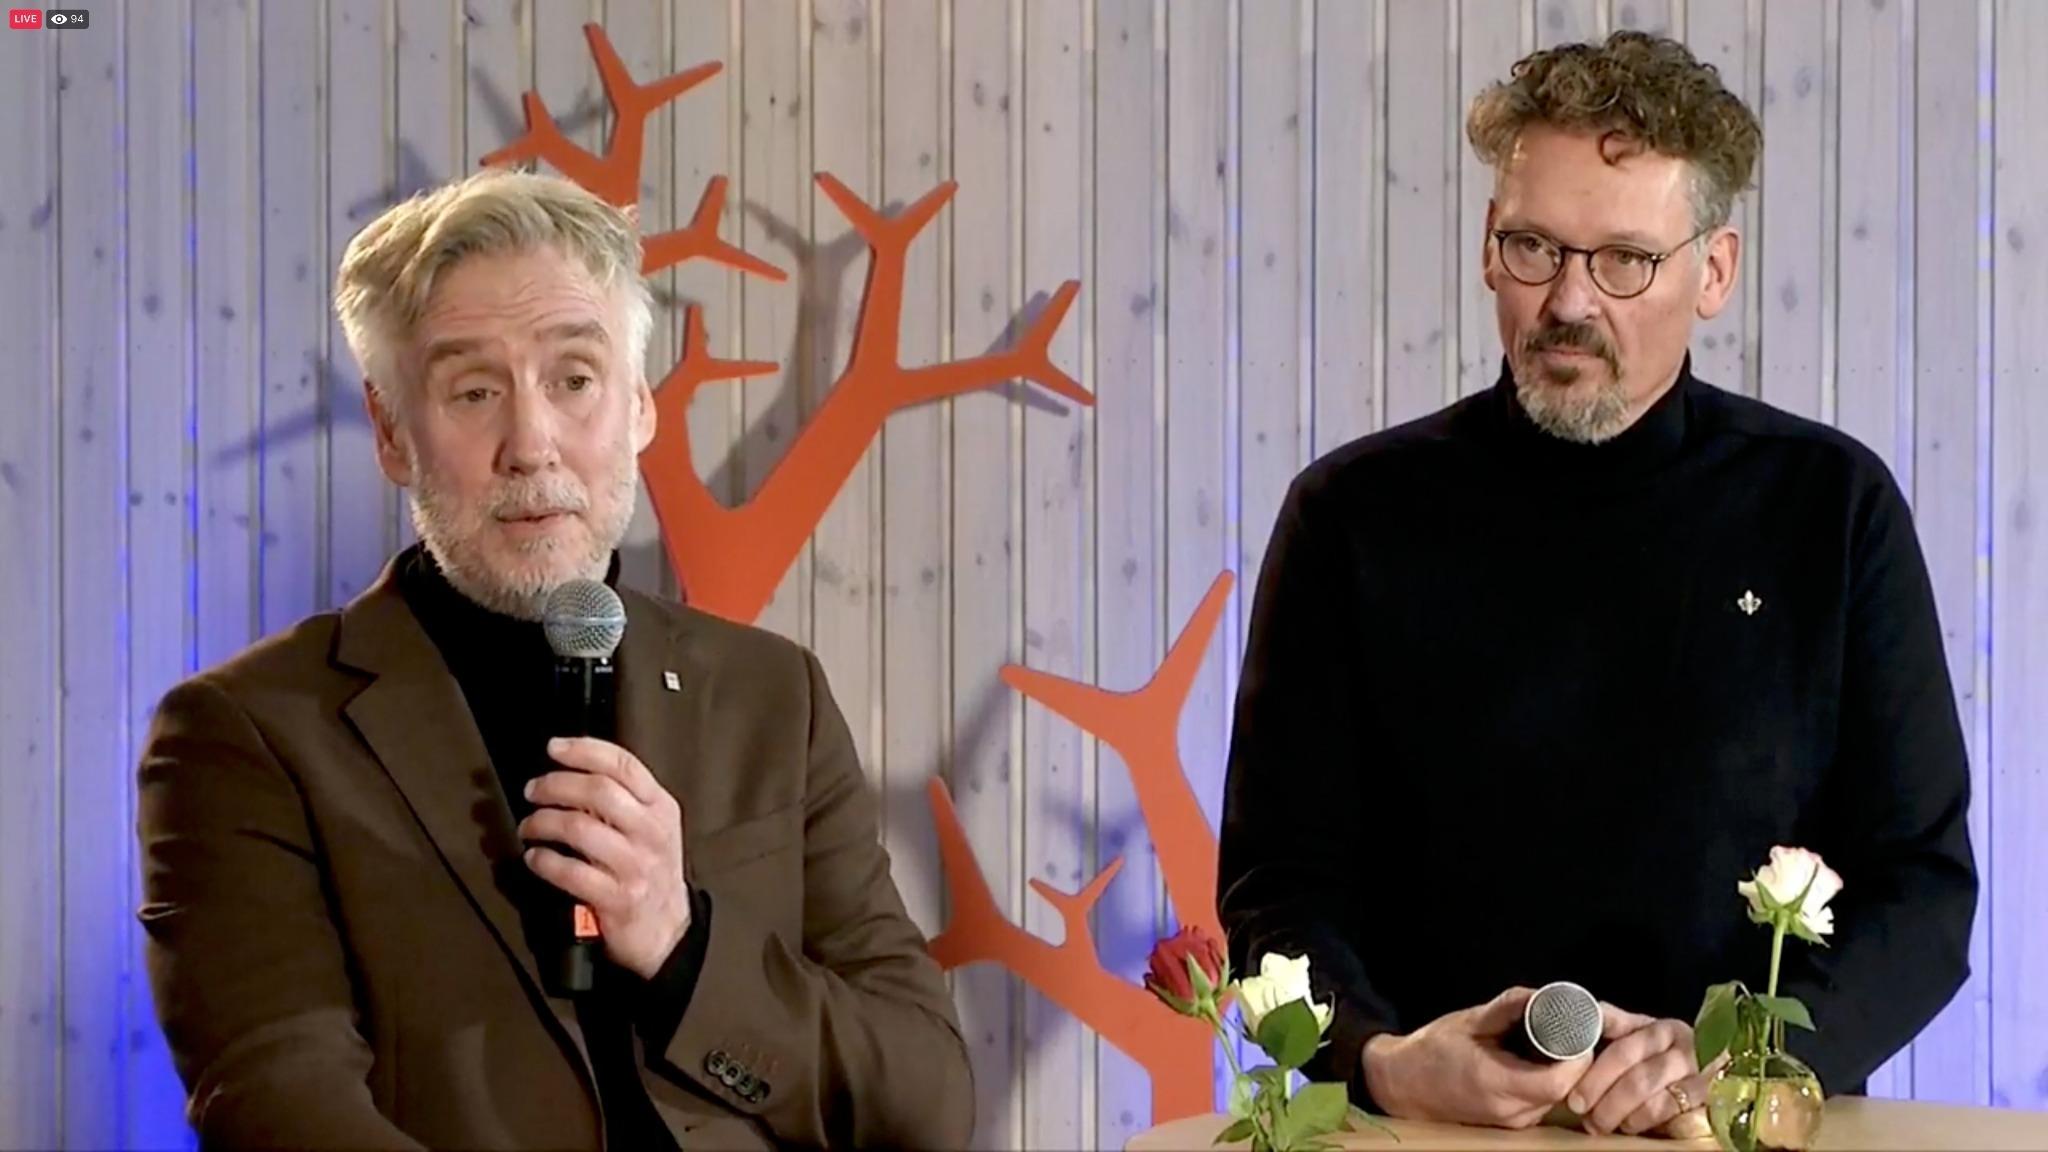 Två män med mikrofoner står på scen. En av dem talar.